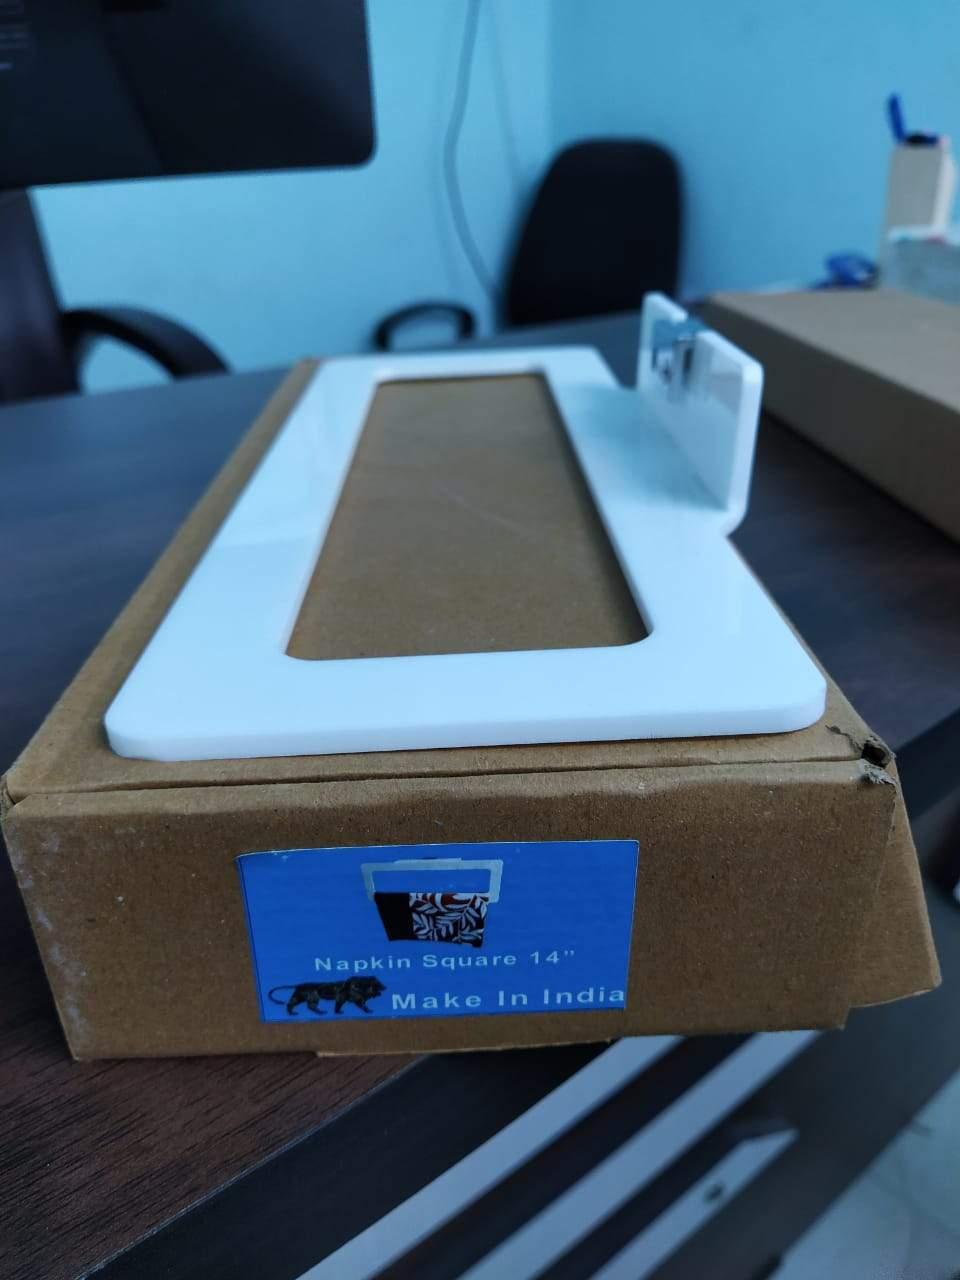 Kitchen/Bathroom Square Napkin Toilet Paper Holder - 14 inch - Unnati Enterprises